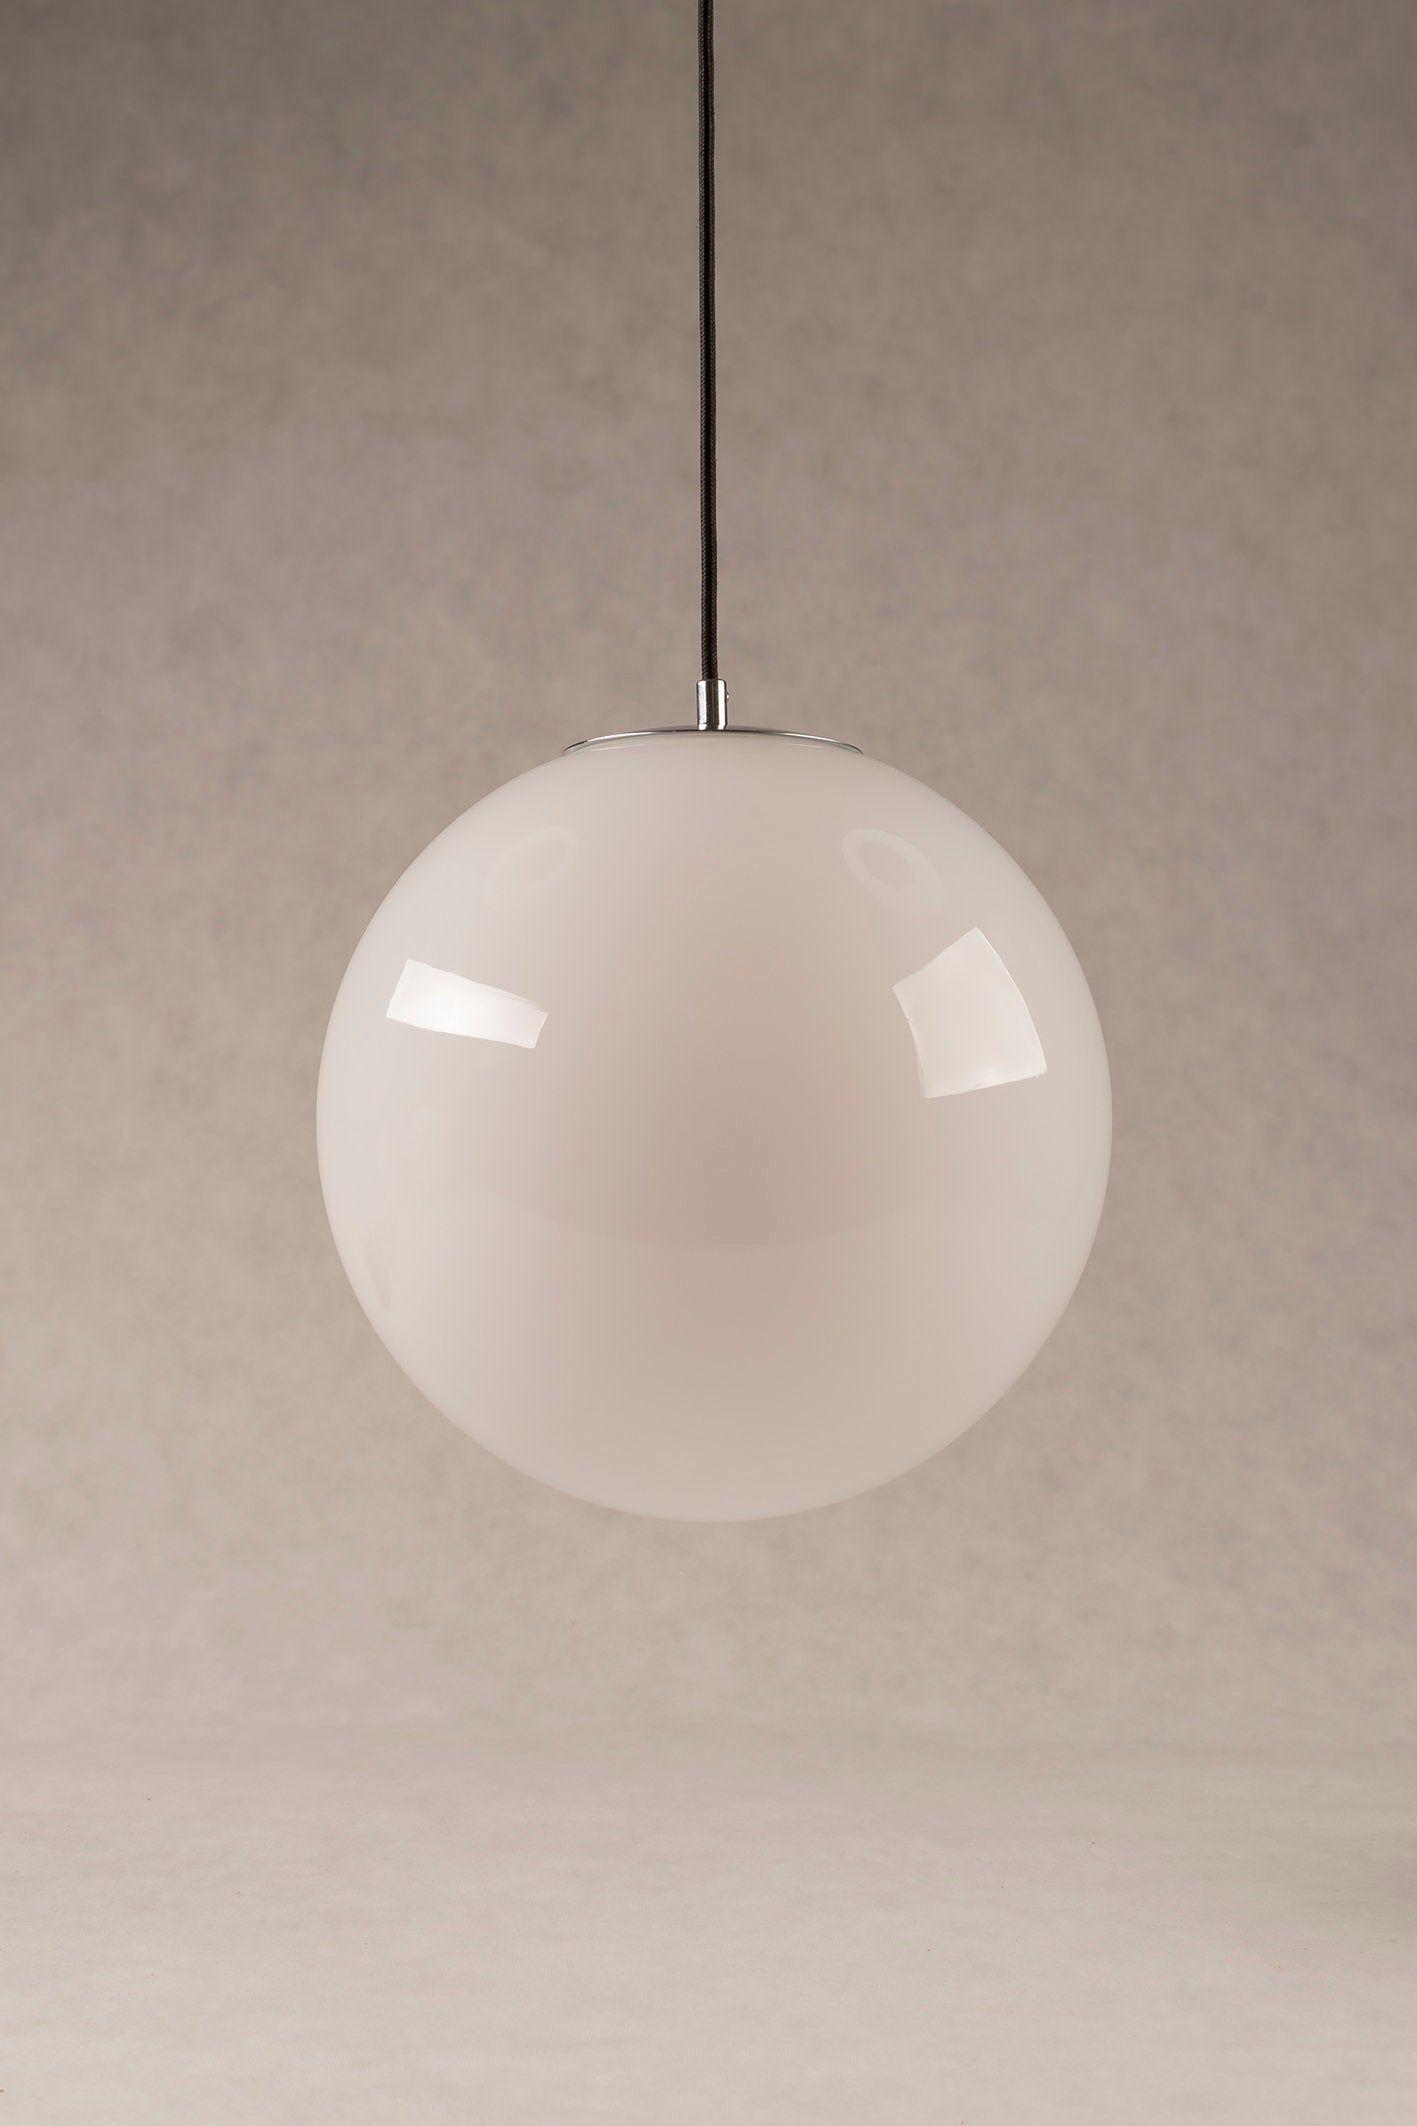 Lampa Biala Kula Wykonczona Chromem Lub Mosiadzem Lampa Wiszaca Art Deco Globe Pendant Light Ball Lamps Handblown Glass Pendant